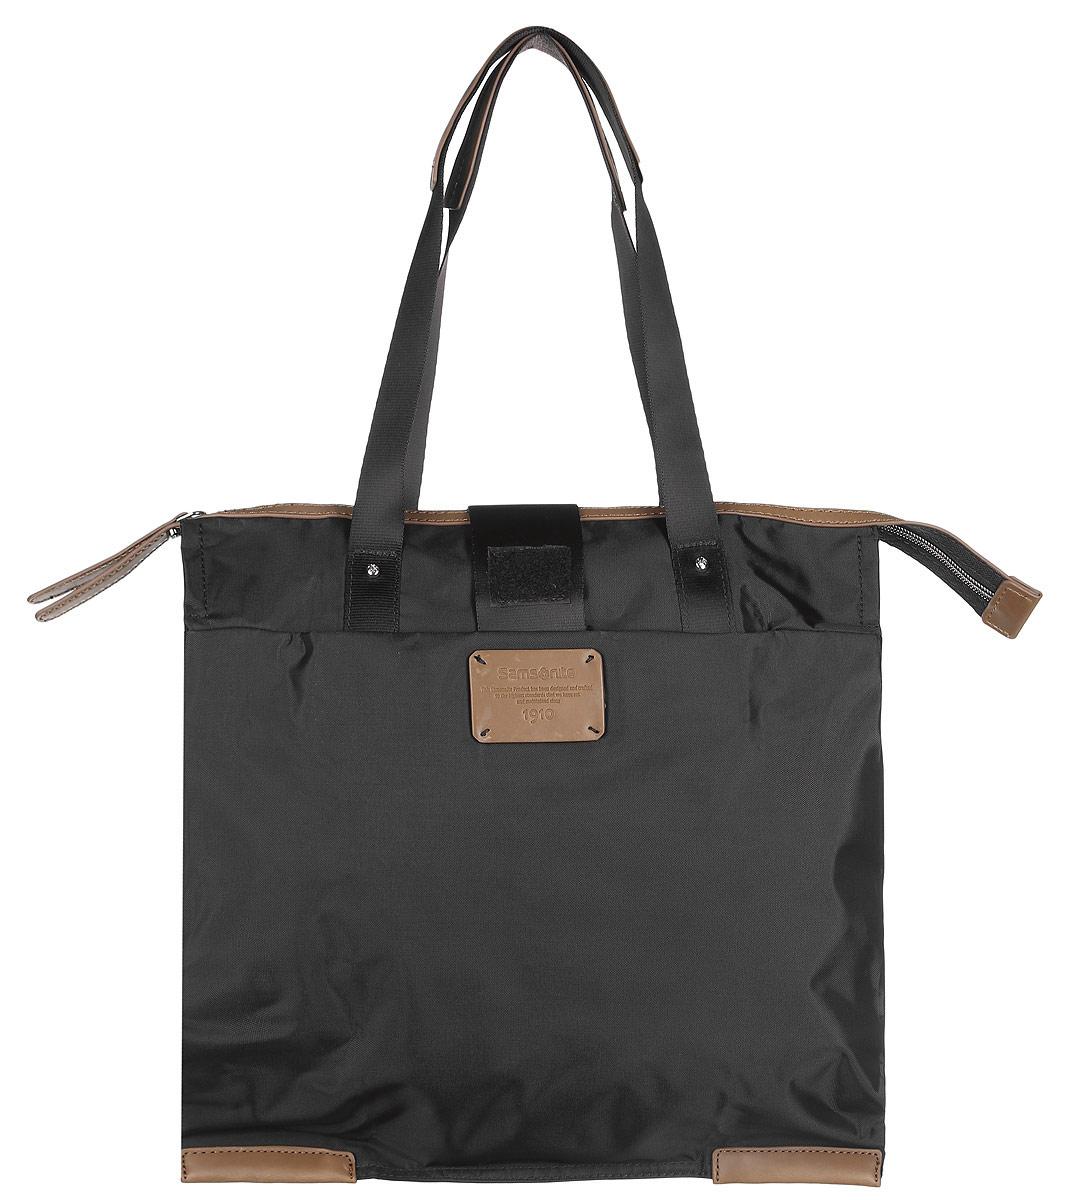 Сумка складная Samsonite, цвет: черный. 52V-090028-2Складная женская сумка Samsonite выполнена из полиамида с добавлением полиуретана и оформлена контрастными вставками и нашивкой логотипа бренда. Изделие содержит одно вместительное отделение, закрывающееся на застежку-молнию. На внешней стороне сумки есть прорезной открытый карман. Сумка оснащена двумя удобными ручками, высота которых позволяет носить сумку как в руке, так и на плече.Сумка не имеет жесткой структуры, за счет чего быстро складывается и фиксируется хлястиком с липучкой и не занимает много места. Такая сумка будет удобна в хранении и в использовании.